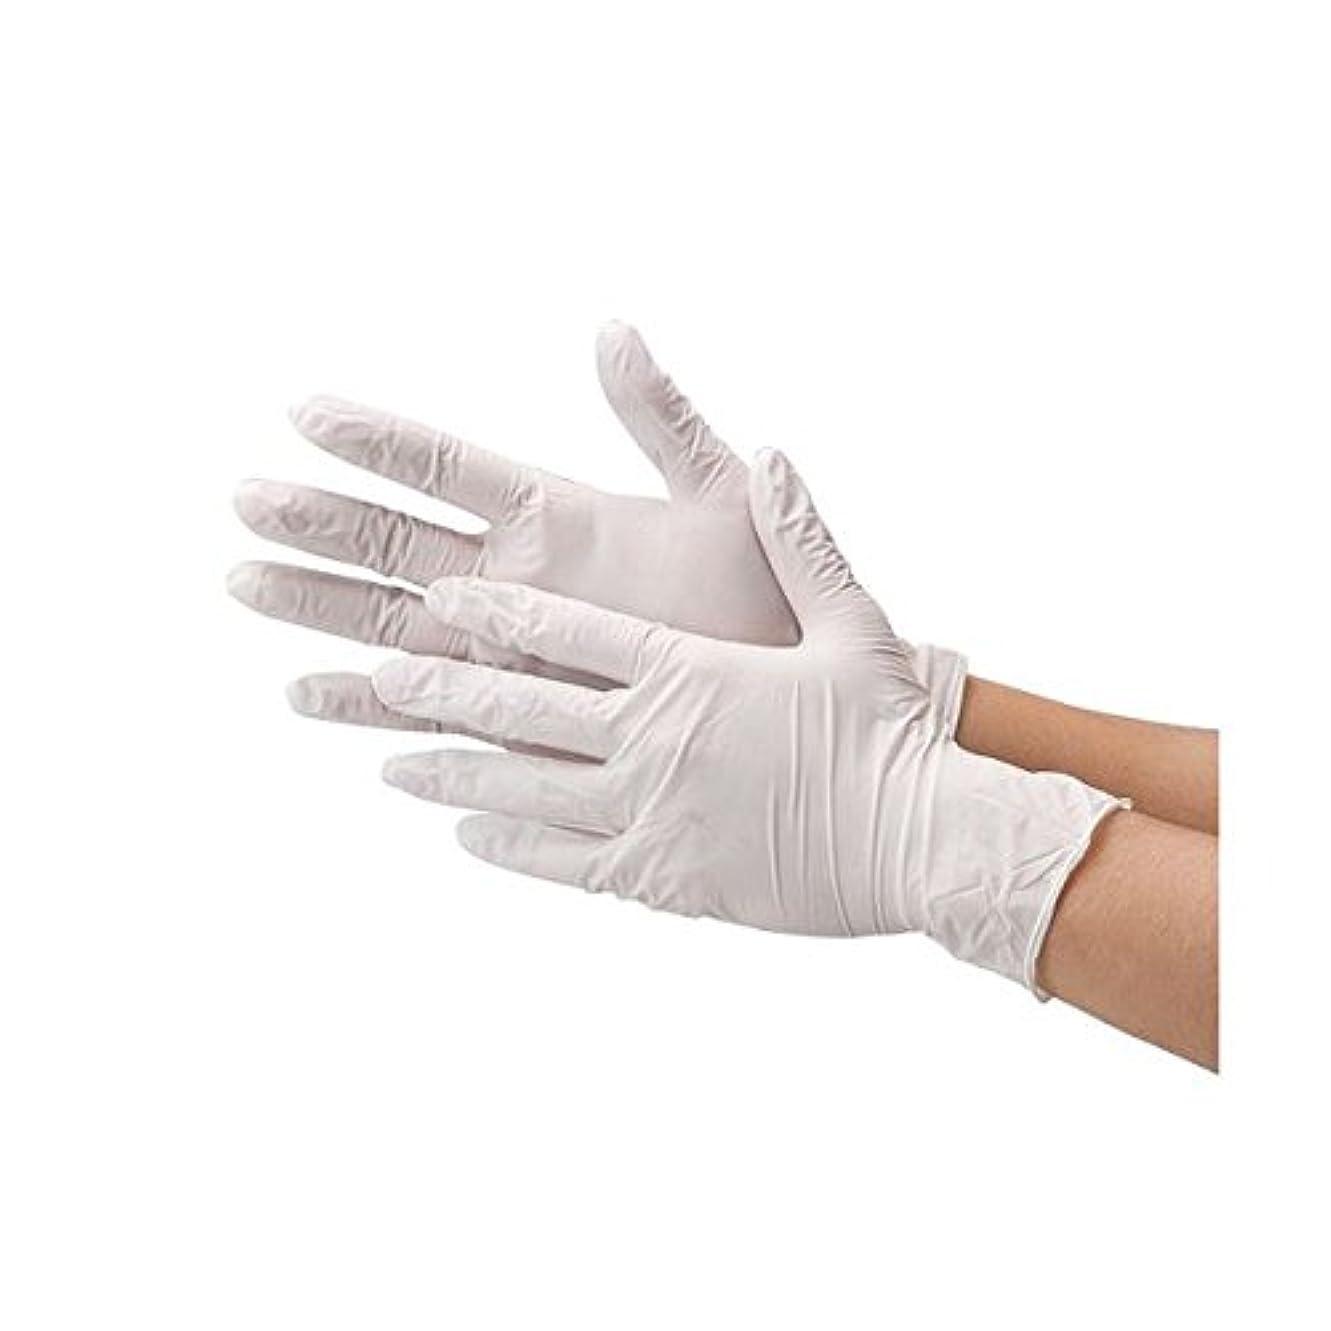 落ちた複合例示する川西工業 ニトリル極薄手袋 粉なしホワイトS ダイエット 健康 衛生用品 その他の衛生用品 14067381 [並行輸入品]